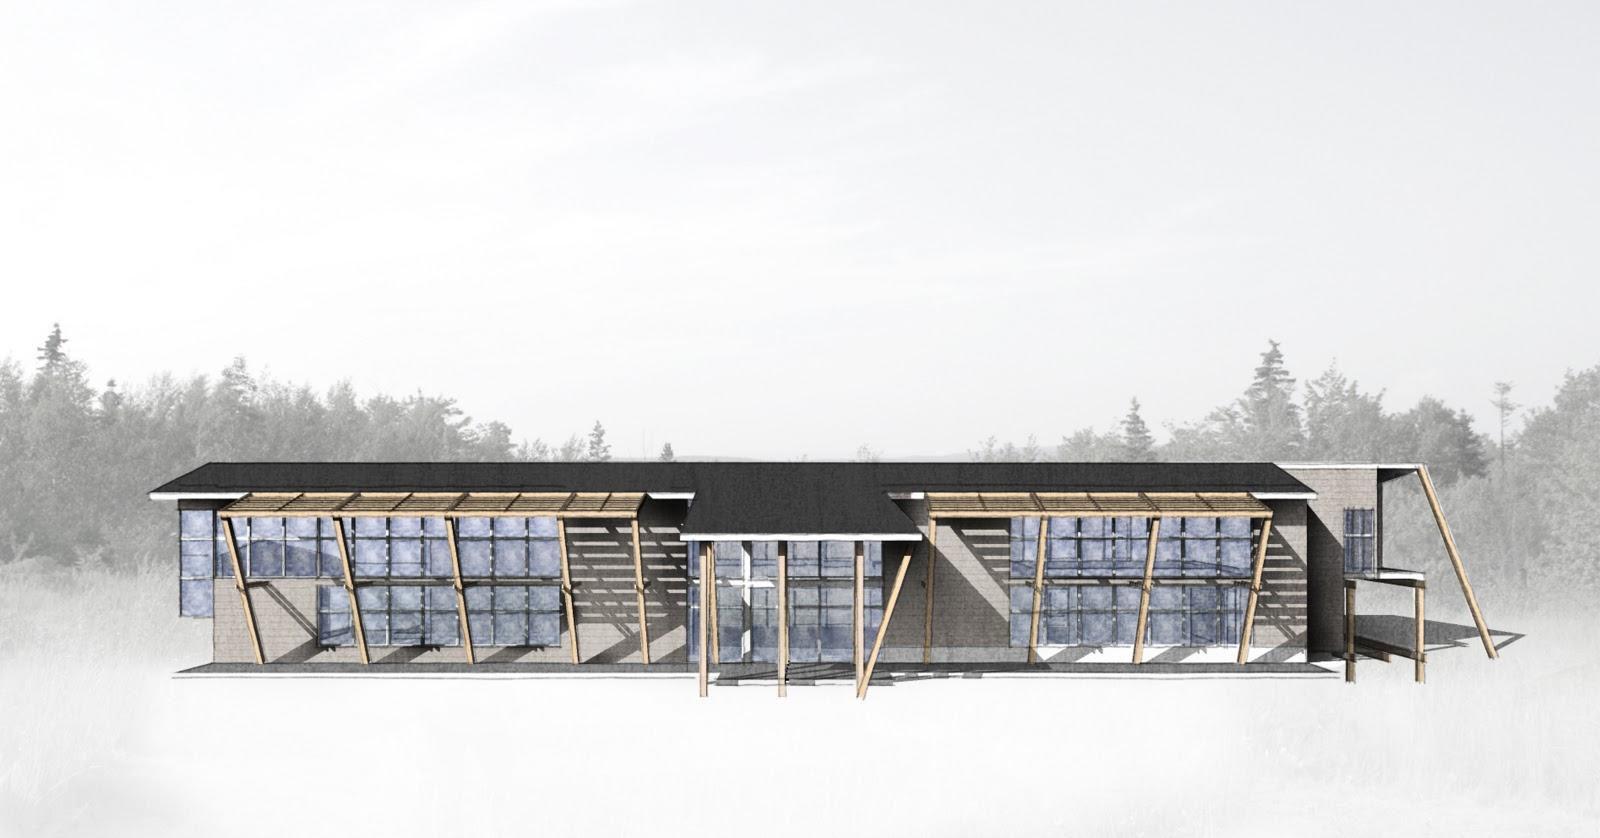 potlotek design build 2011